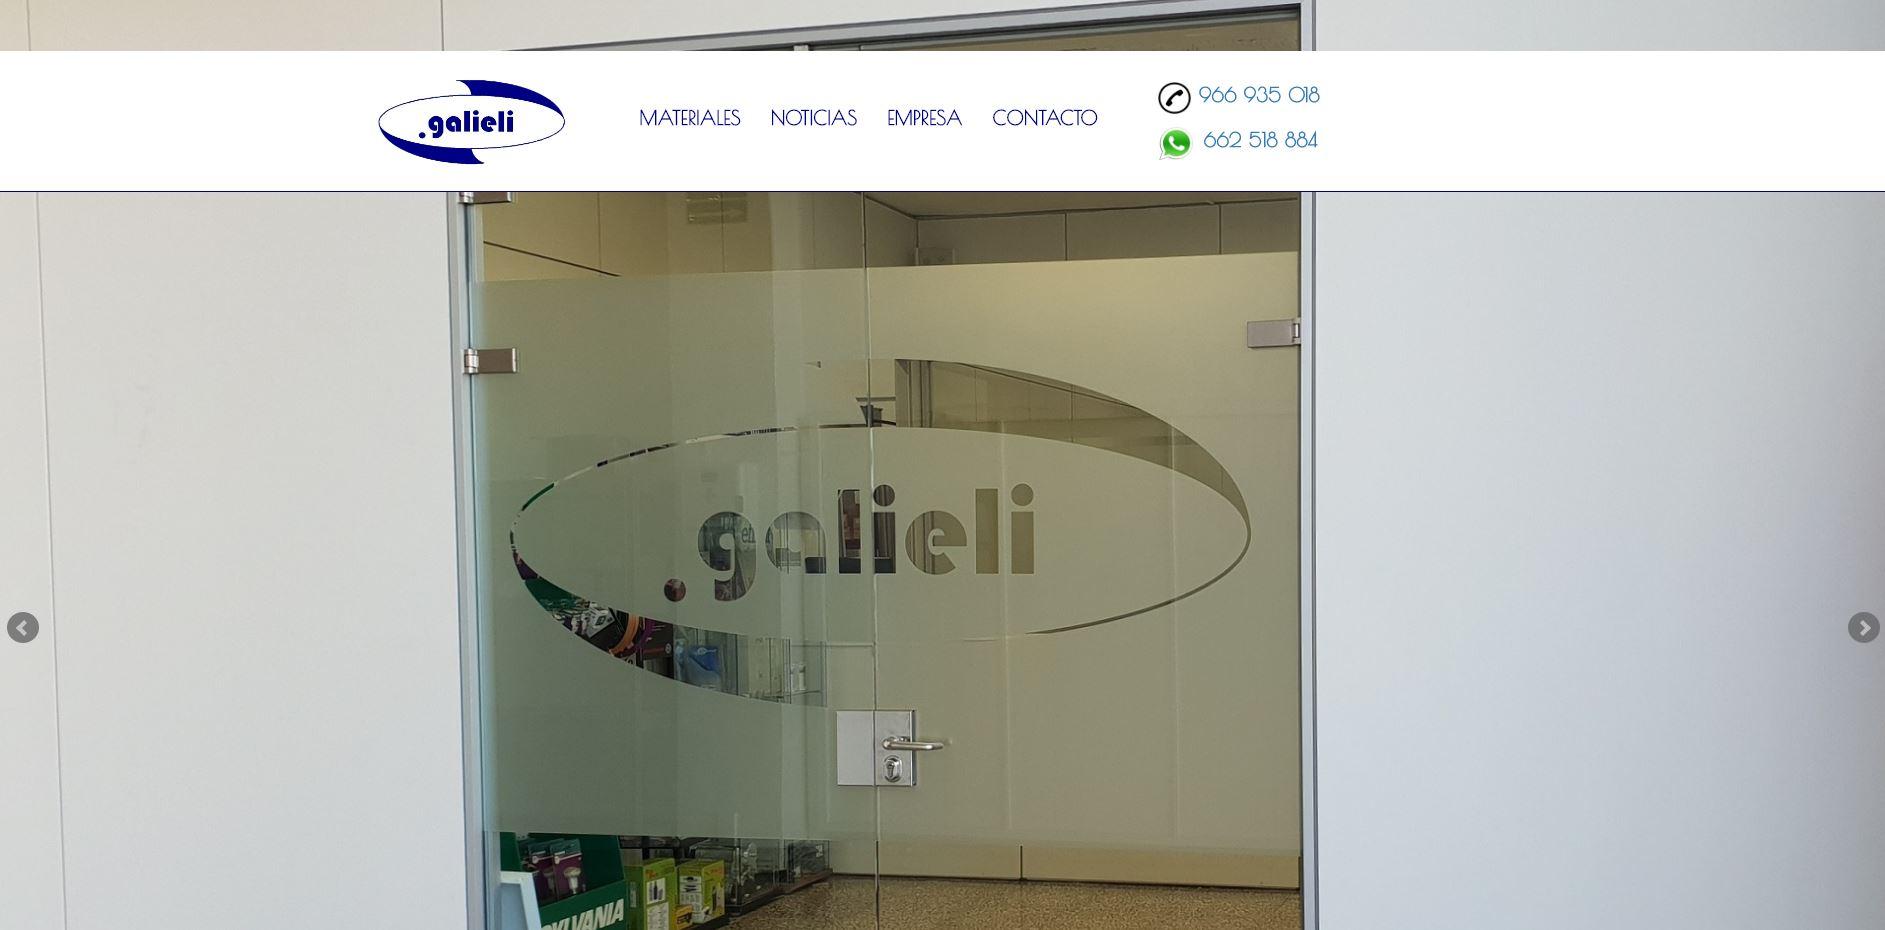 Nueva web remodelada a Galieli